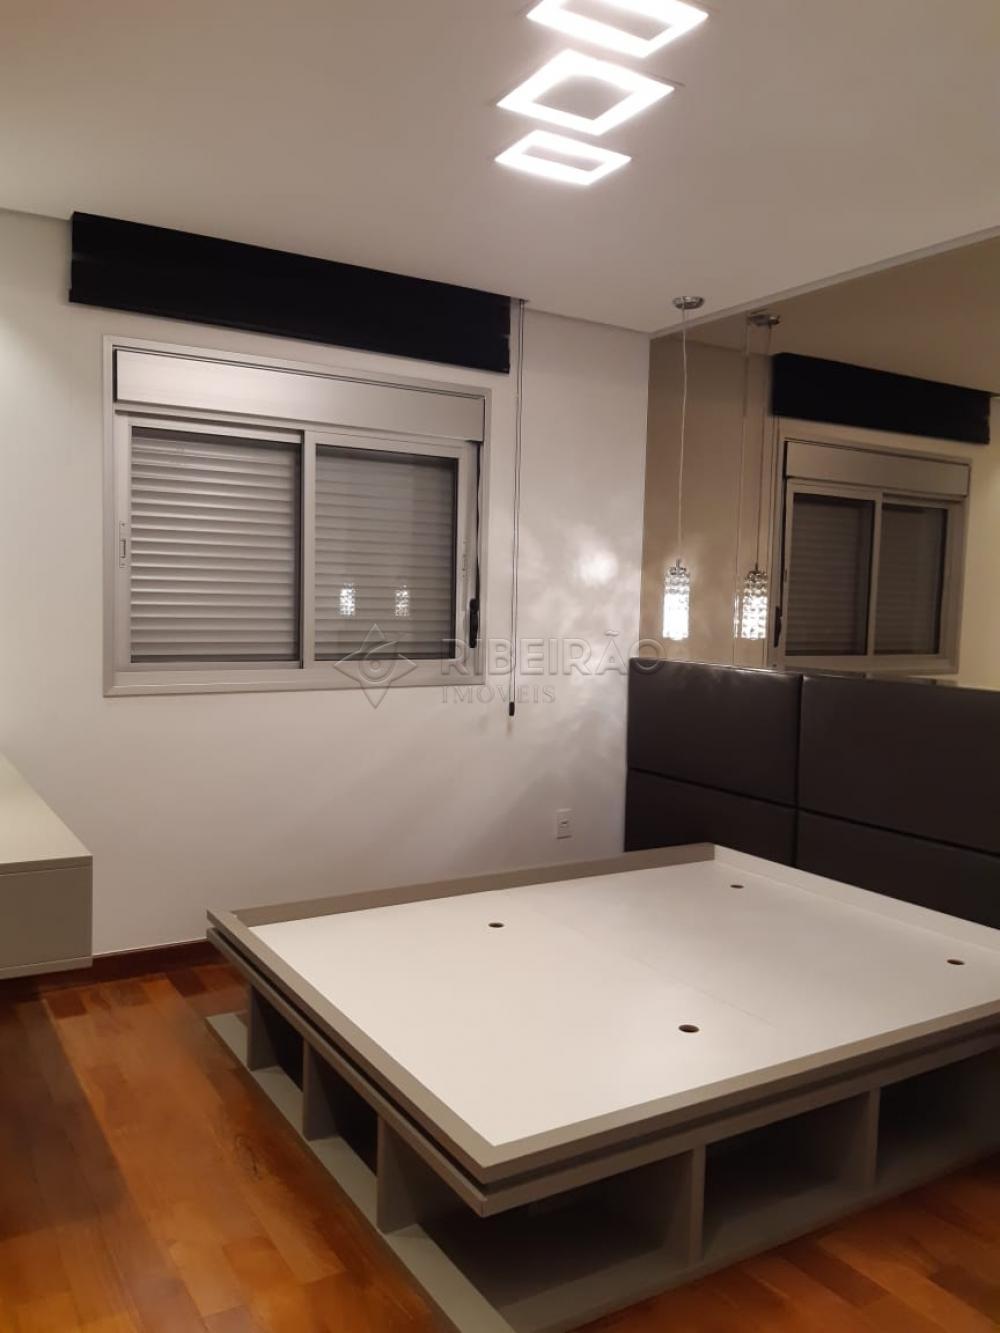 Comprar Apartamento / Cobertura em Ribeirão Preto R$ 1.900.000,00 - Foto 9